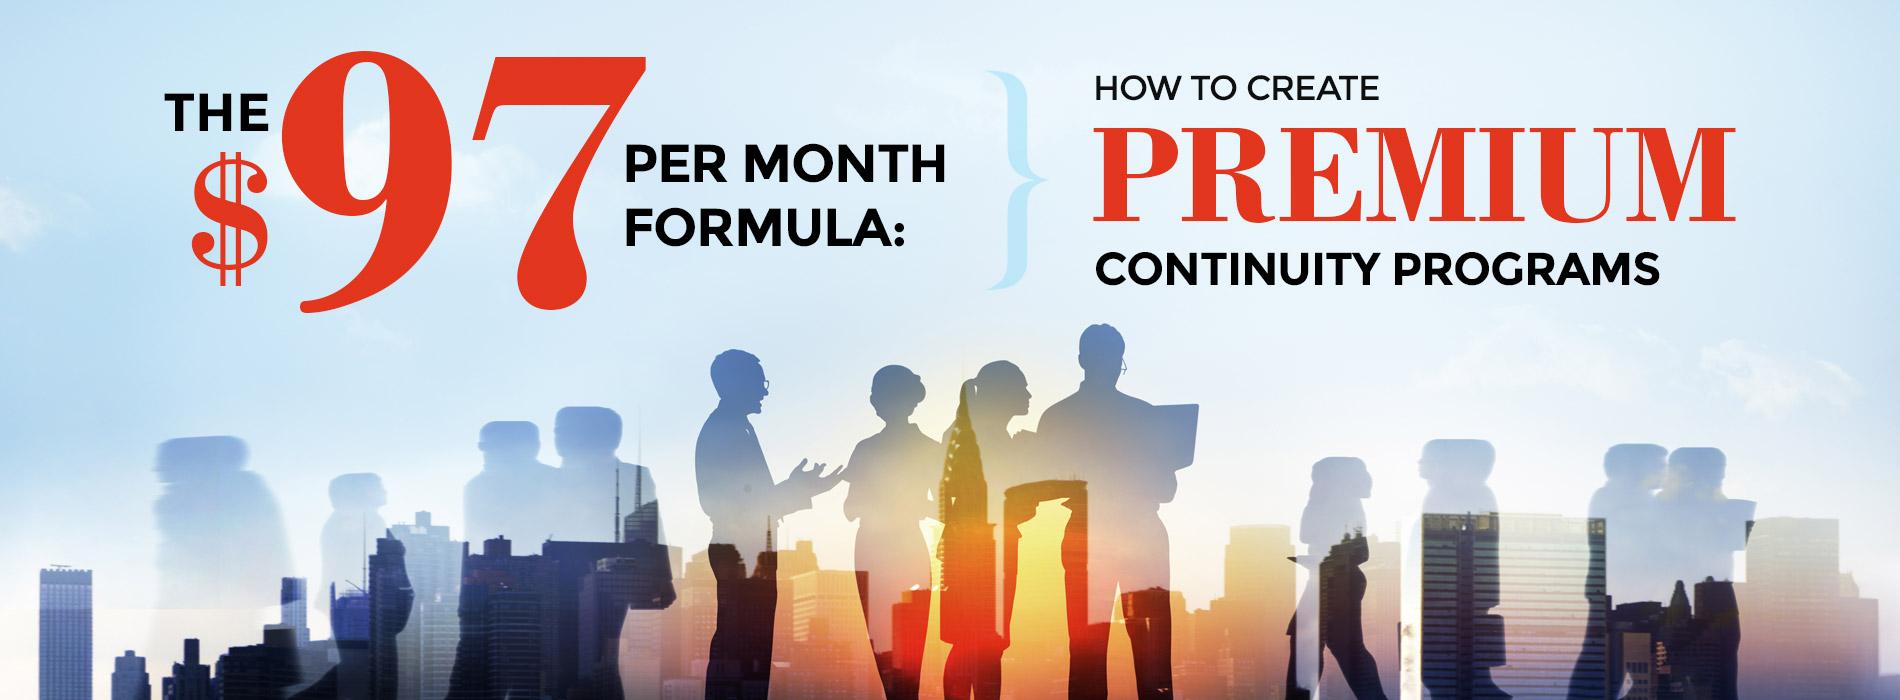 premium-continuity-program